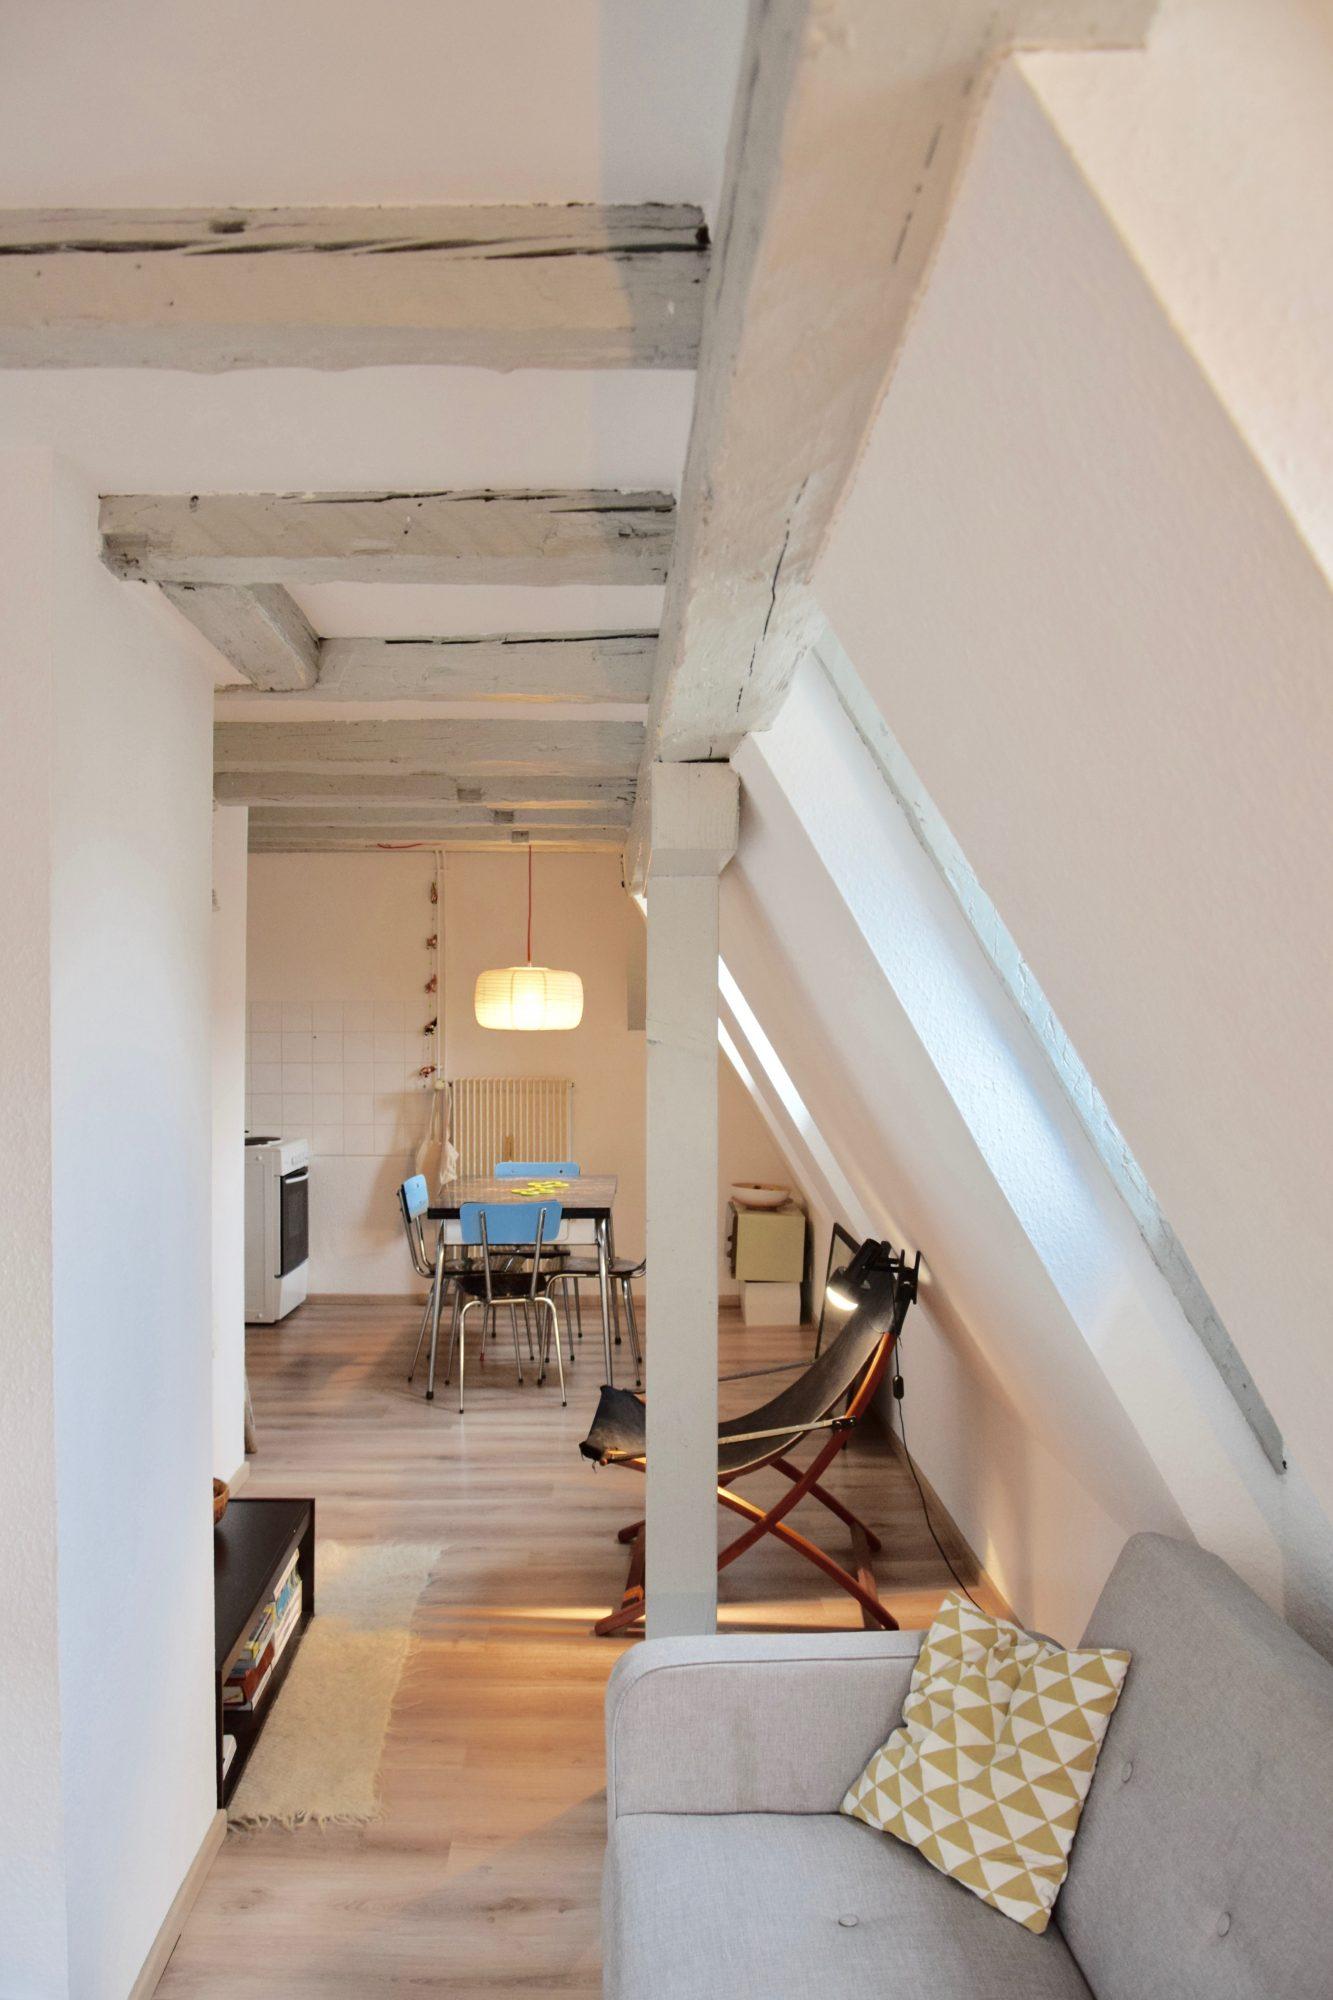 3 PIECES EN DUPLEX GRANDE ÎLE - Devenez locataire en toute sérénité - Bintz Immobilier - 6